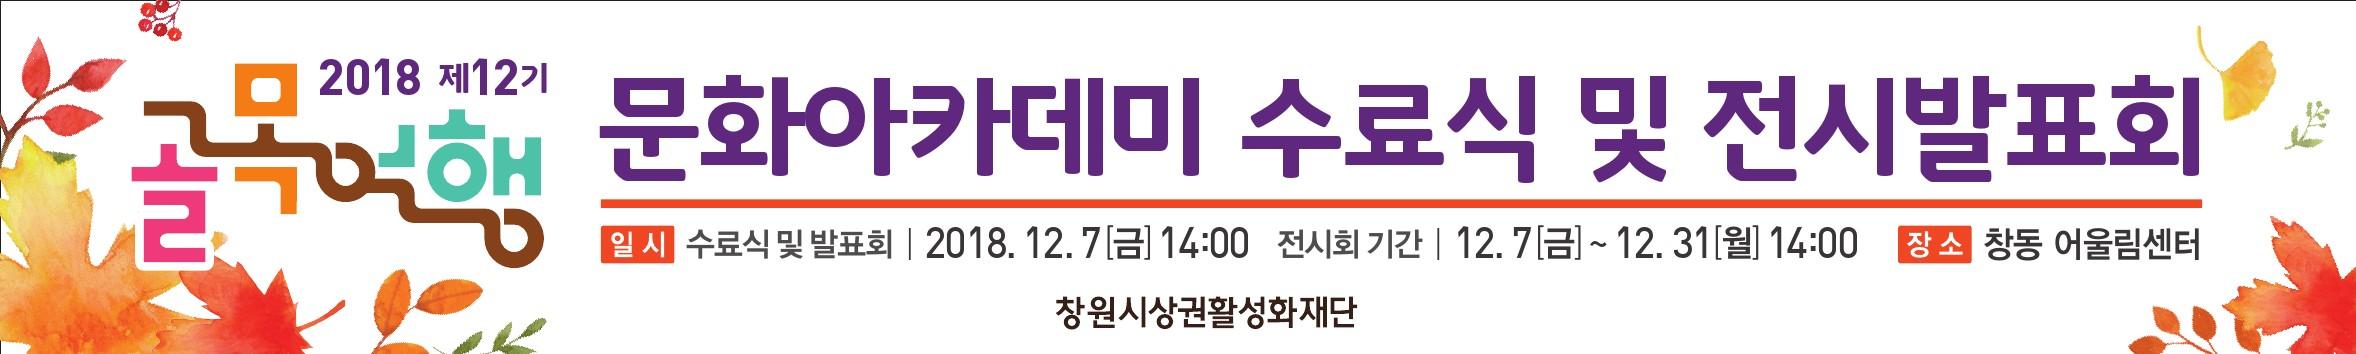 P18-0625 창원시상권활성화재단 - 문화아카테미 수료식 현수막,배너(수정)-2.jpg